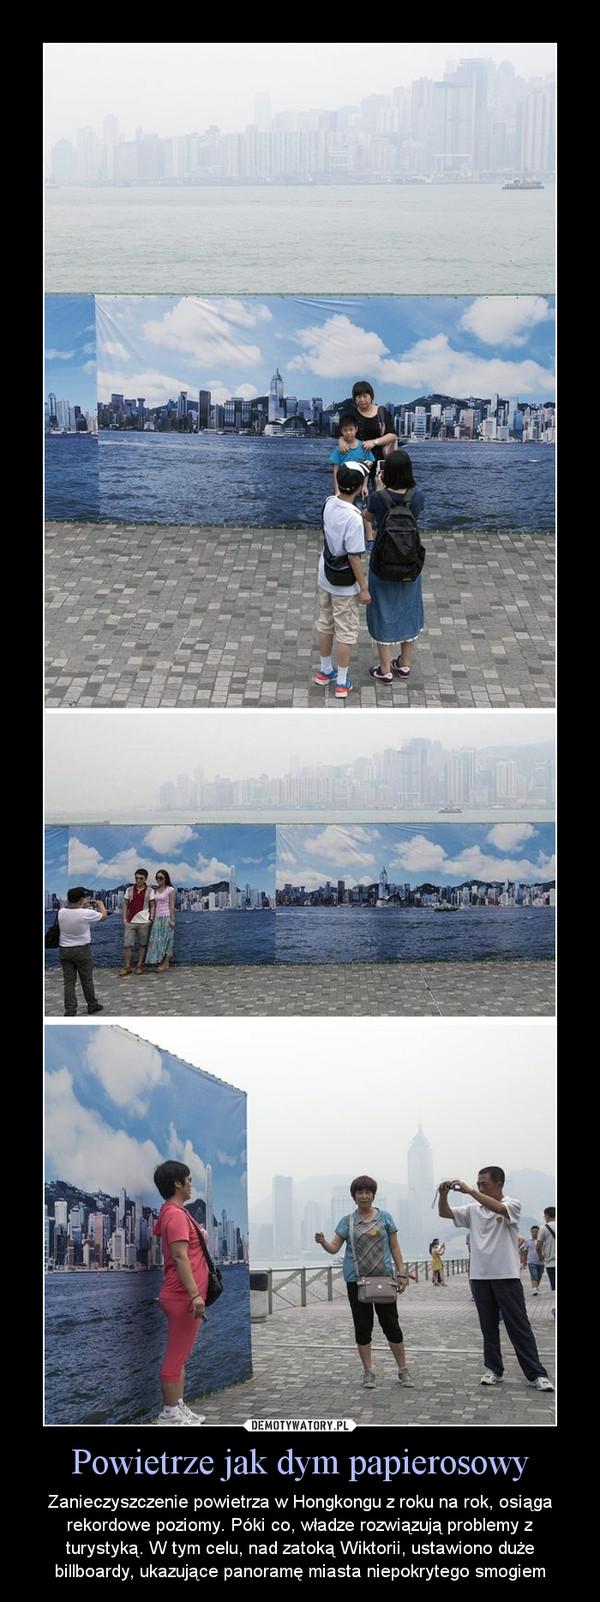 Powietrze jak dym papierosowy – Zanieczyszczenie powietrza w Hongkongu z roku na rok, osiąga rekordowe poziomy. Póki co, władze rozwiązują problemy z turystyką. W tym celu, nad zatoką Wiktorii, ustawiono duże billboardy, ukazujące panoramę miasta niepokrytego smogiem